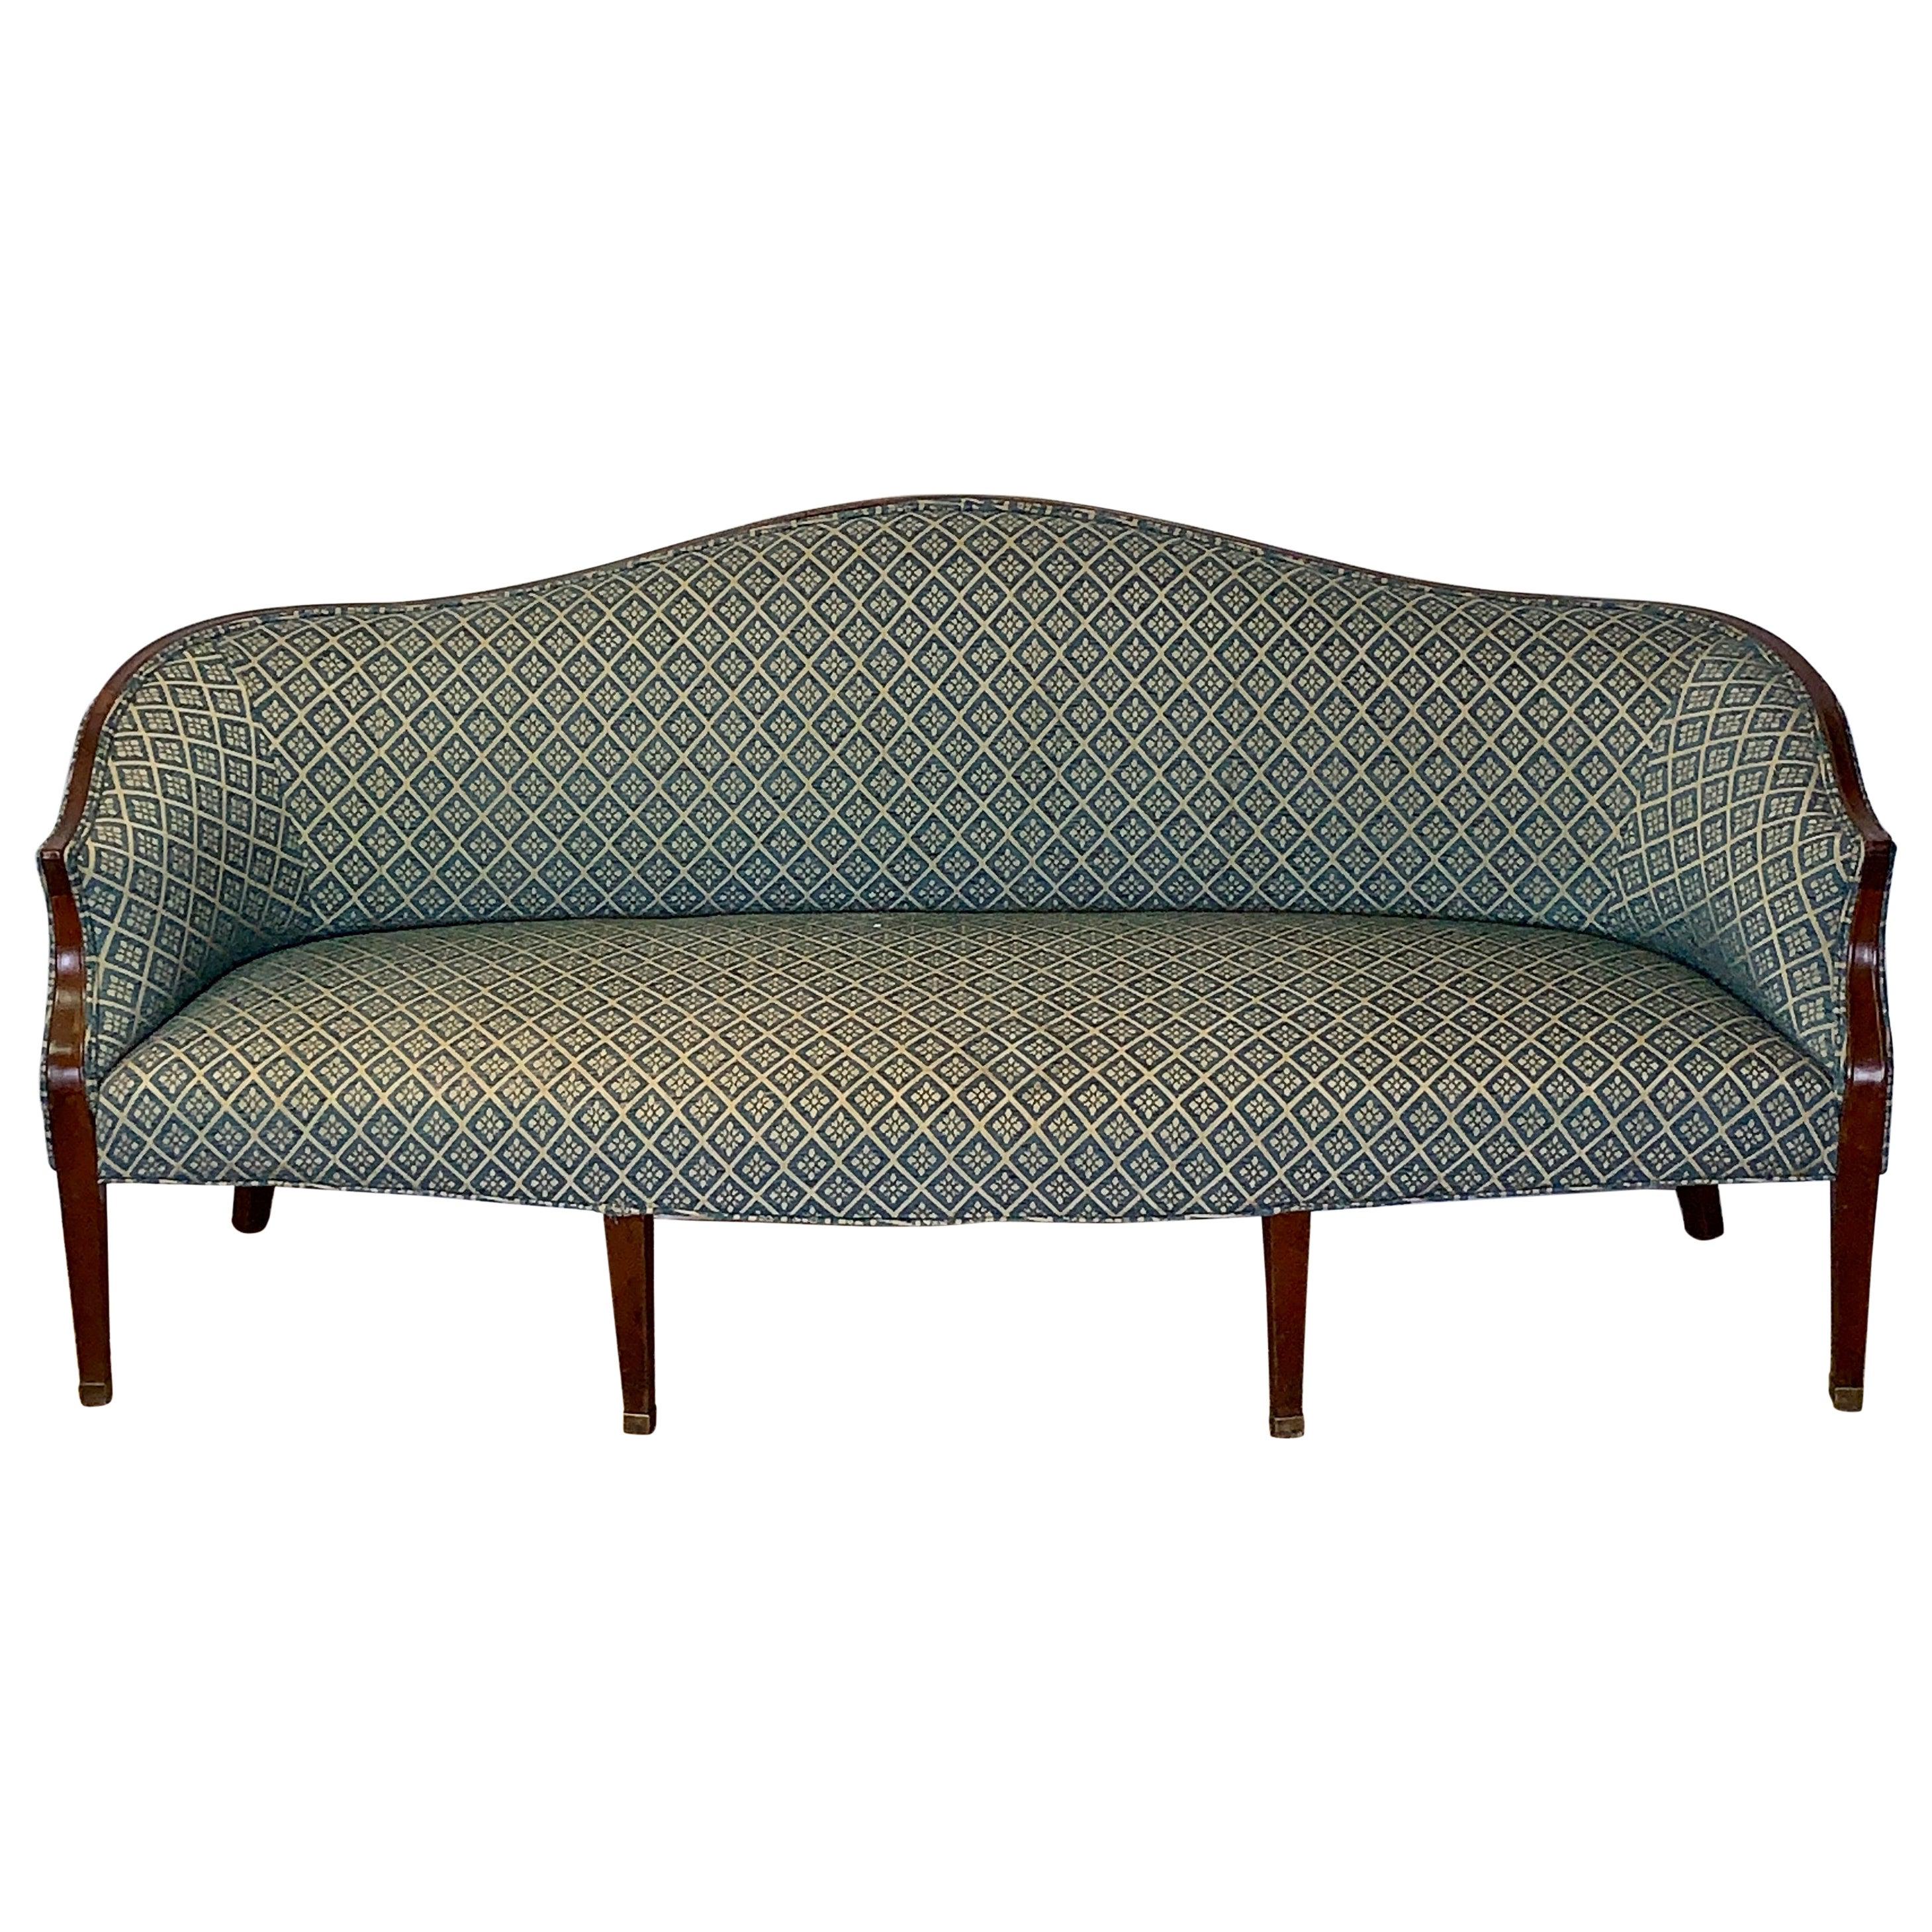 Early 19th Century Mahogany Sofa